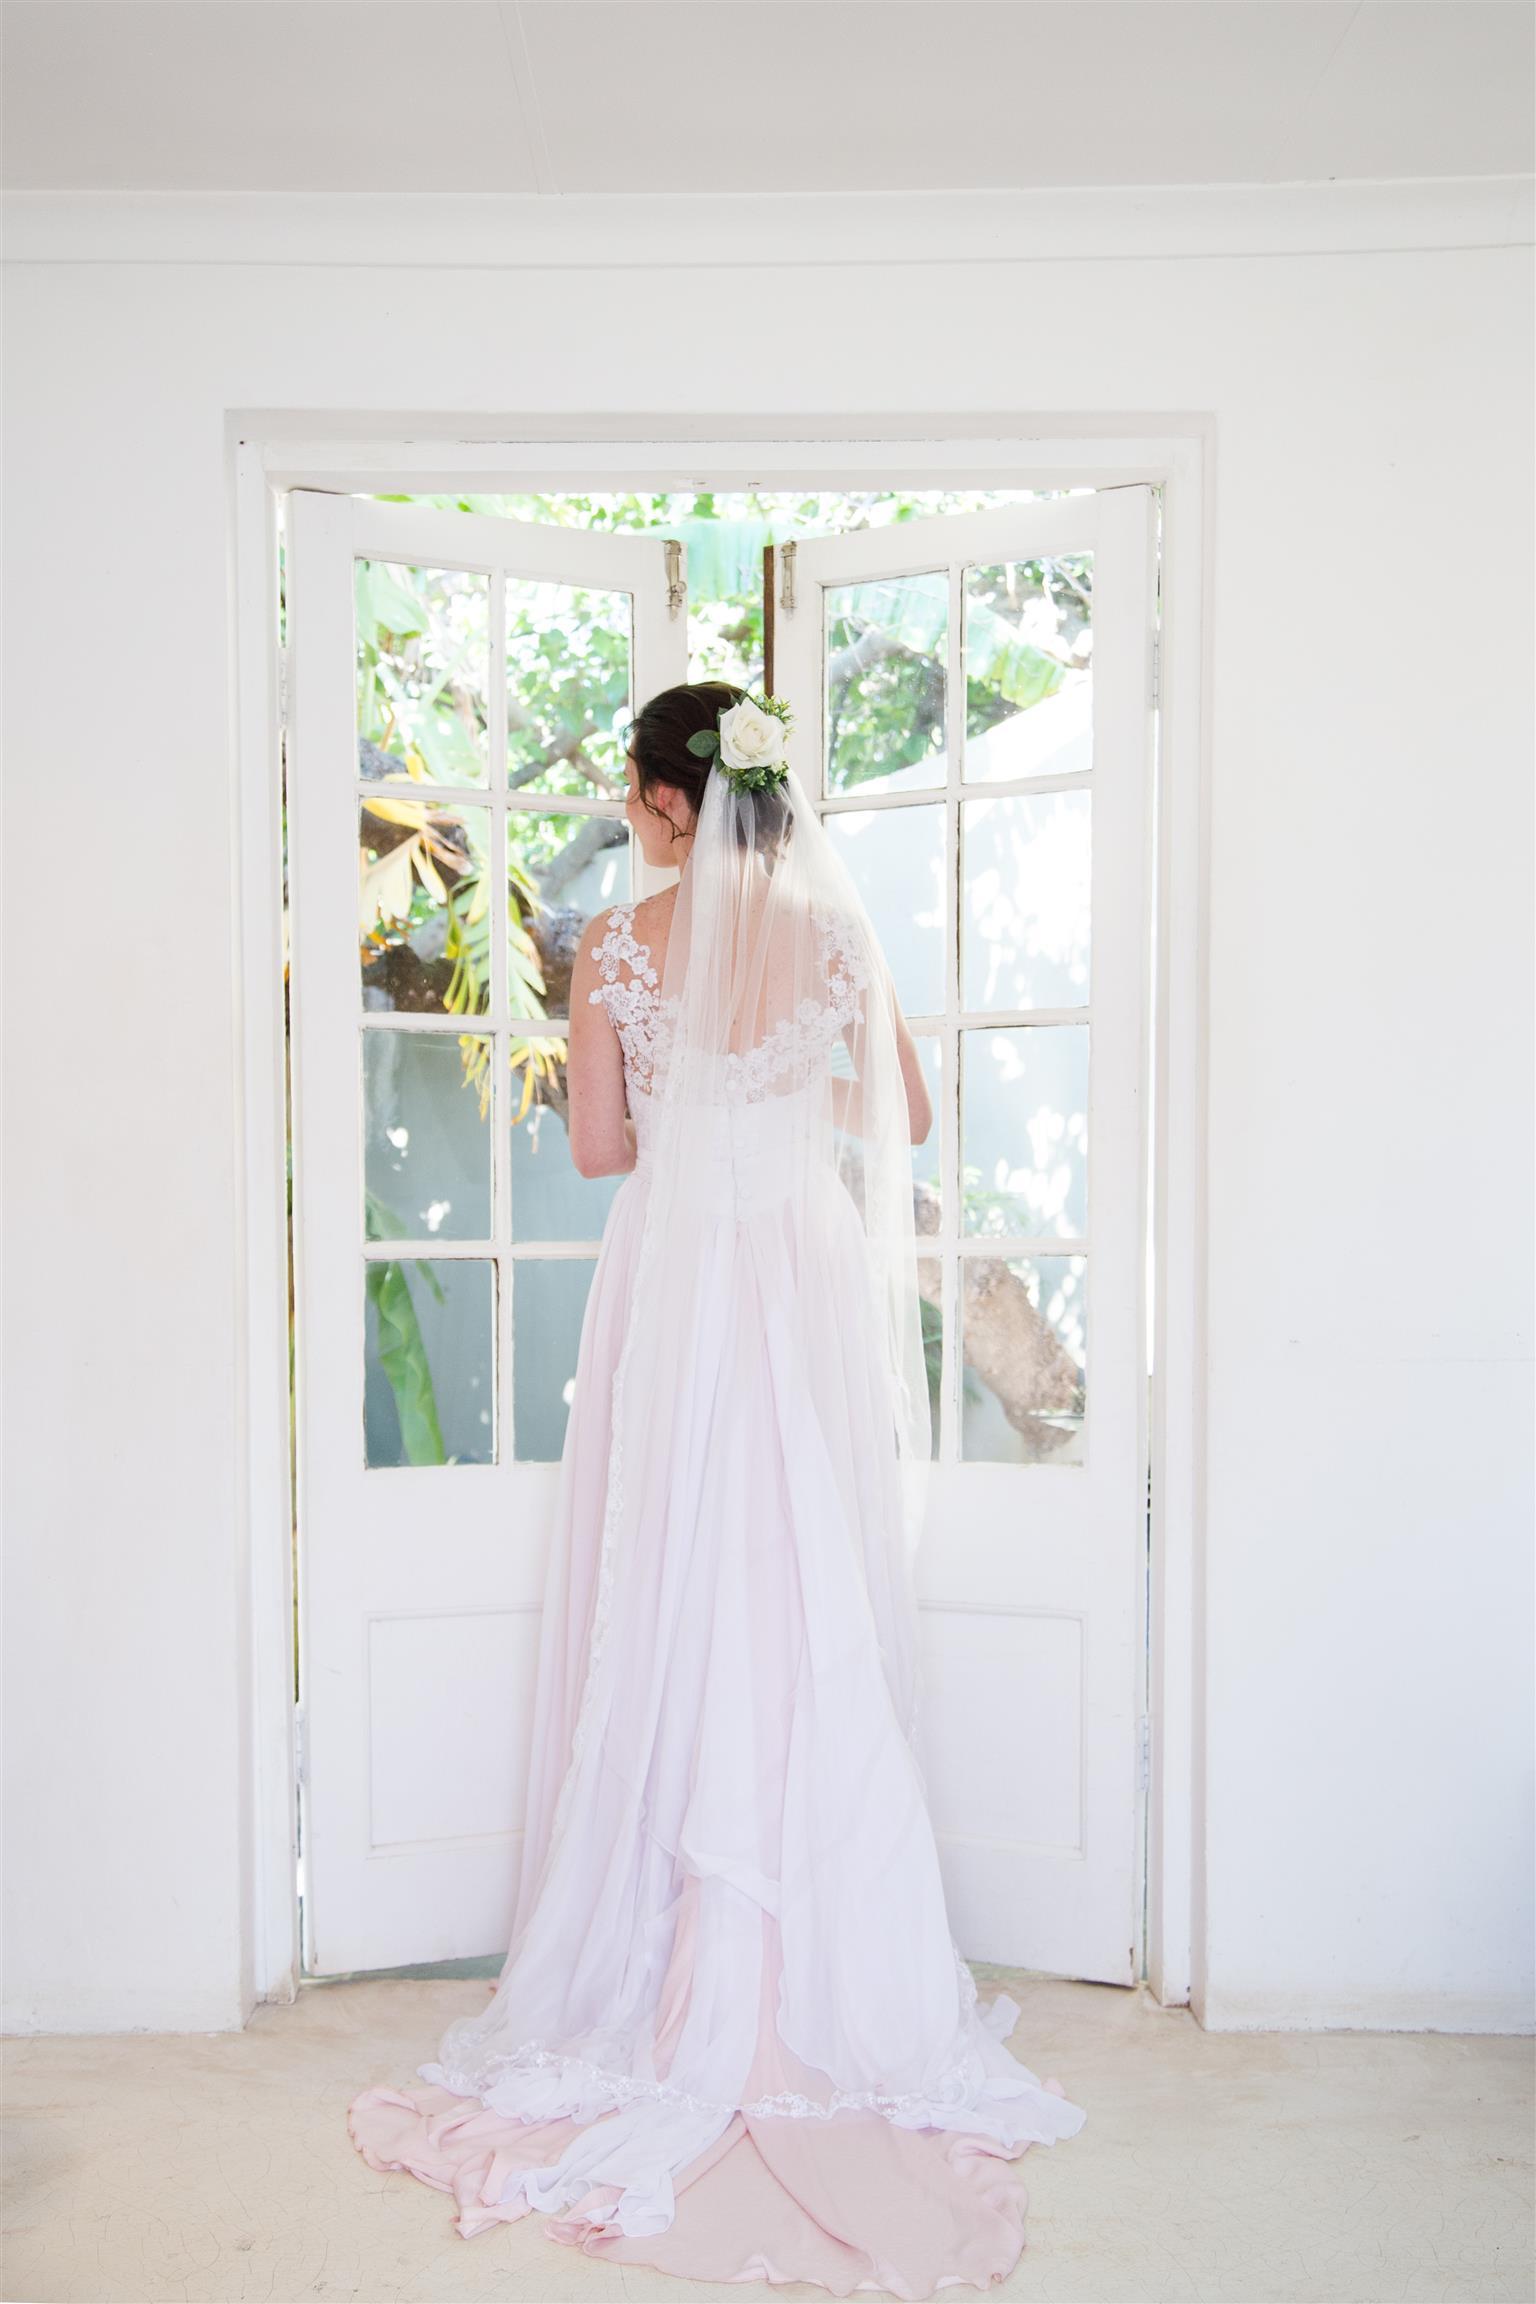 PRE-LOVED DESIGNER WEDDING DRESS FOR SALE